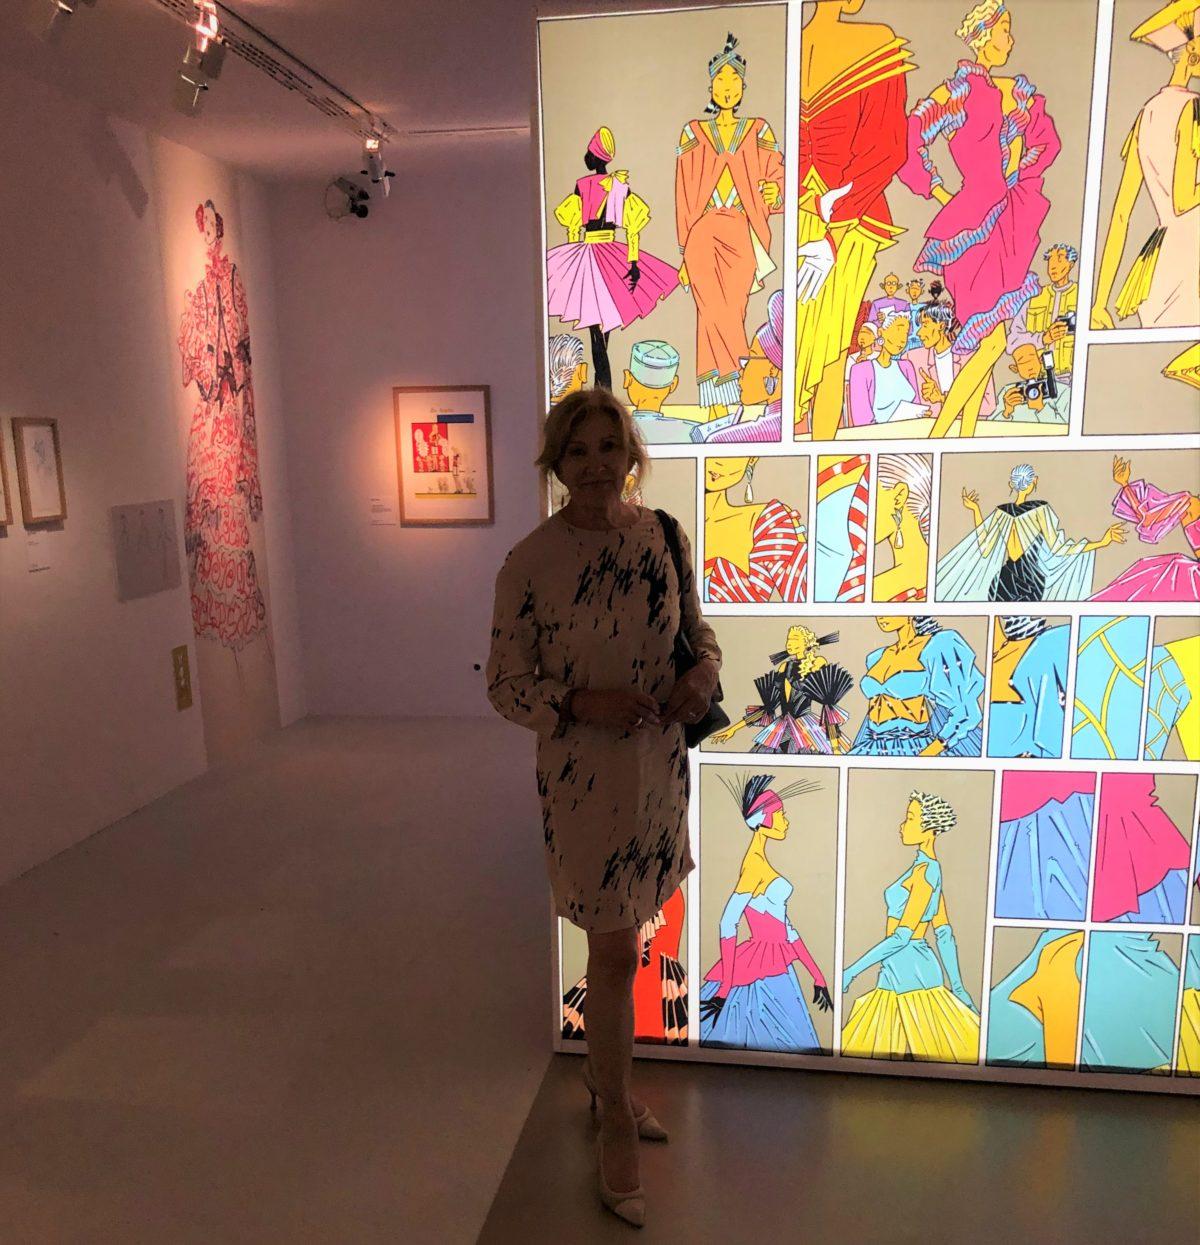 exposition mode et bande dessinée Anne Loloum Frangeul Living in cognac